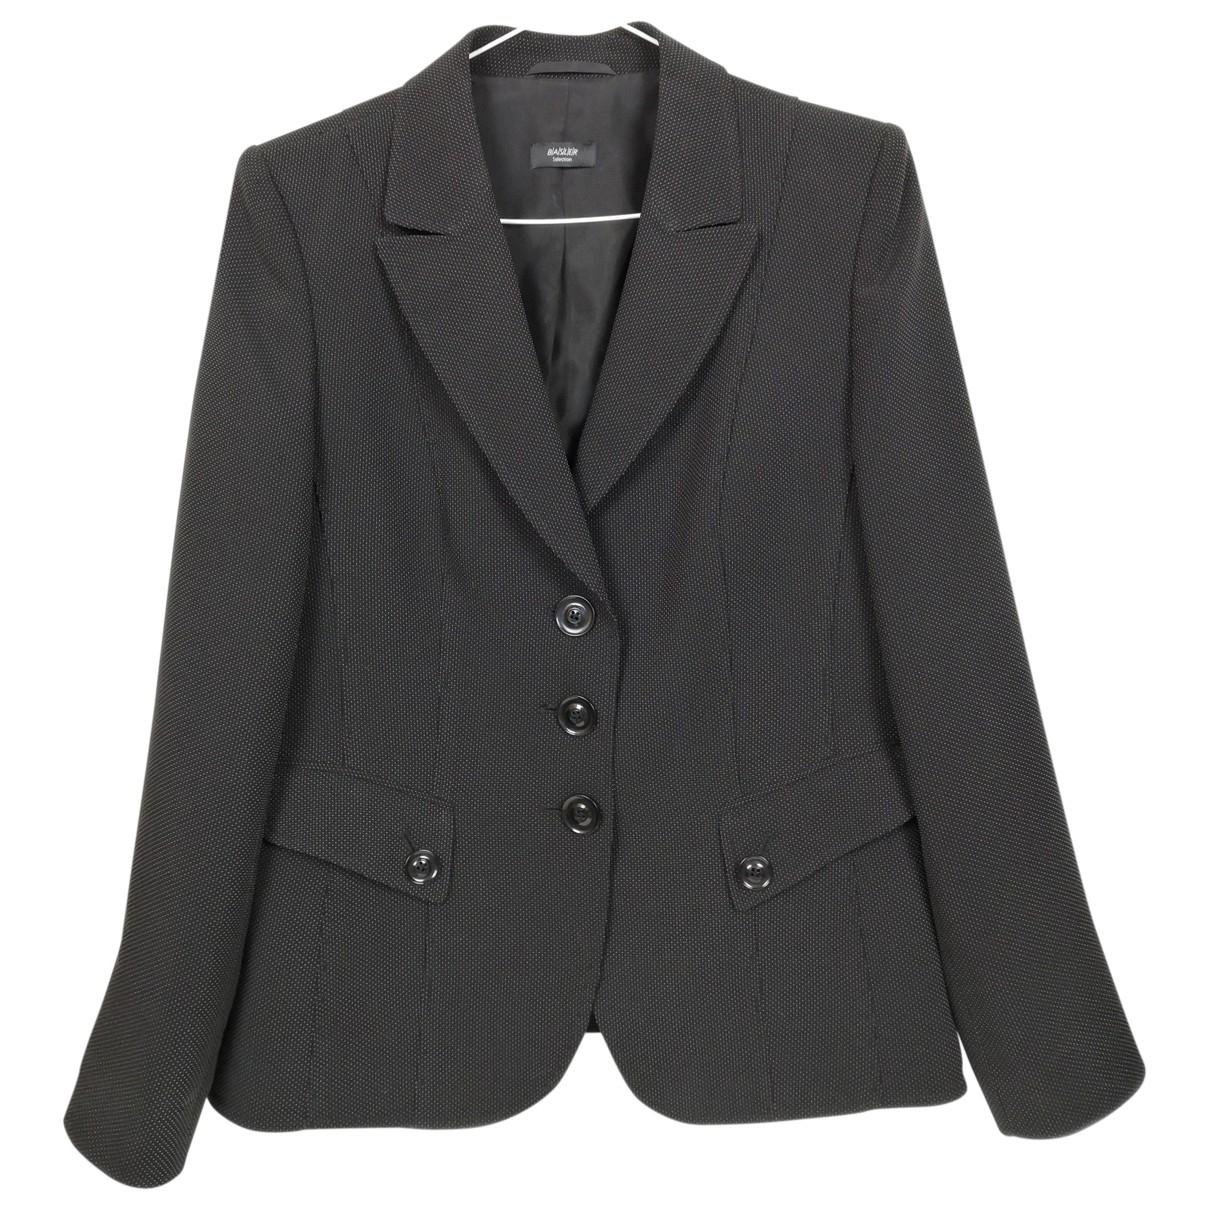 Basler \N Black jacket for Women L International